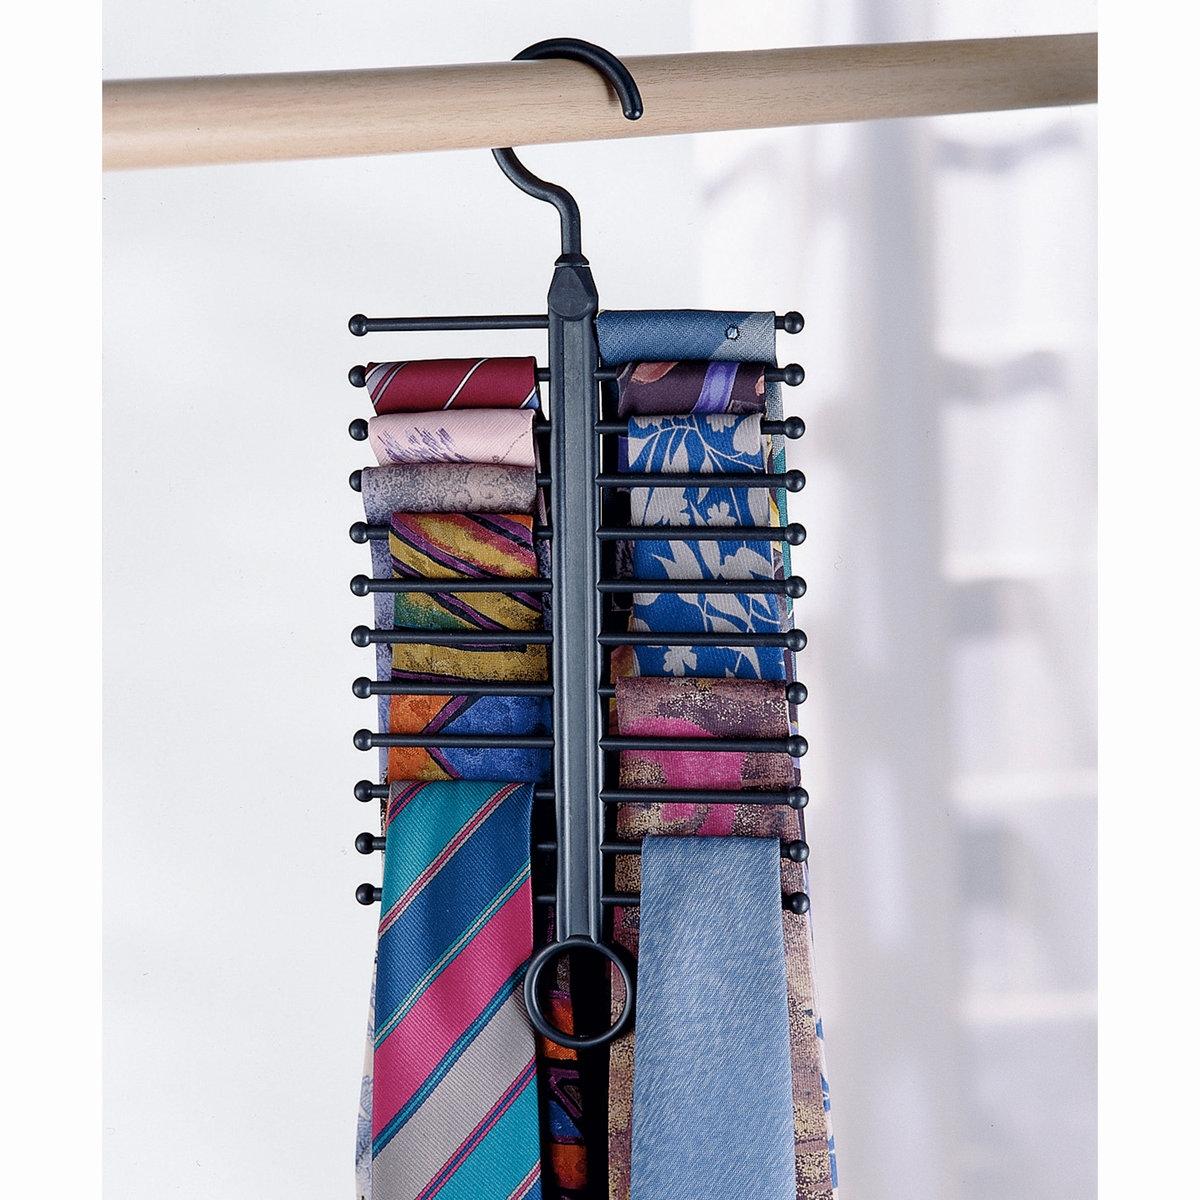 4 вешалки  Ar?glo, для экономии места, для галстуков/брюк/рубашек/ремнейХарактеристики вешалок для экономии места, Ar?glo:Из пластика ABSВешалка для рубашек: для 5 плечиков с рубашками.Вешалка для брюк: для 5 брюкВешалка для галстуков: для 24 галстуковВешалка для ремней: 2 кольца для размещения большого количества ремней!Можно вешать на перекладину в шкафу .Можно брать с собой в поездки и путешествия.Найдите коллекцию для хранения вещей на нашем сайте laredoute.ru.Вес вешалок, Ar?glo:Вес 0,700 кг.<br><br>Цвет: черный<br>Размер: единый размер